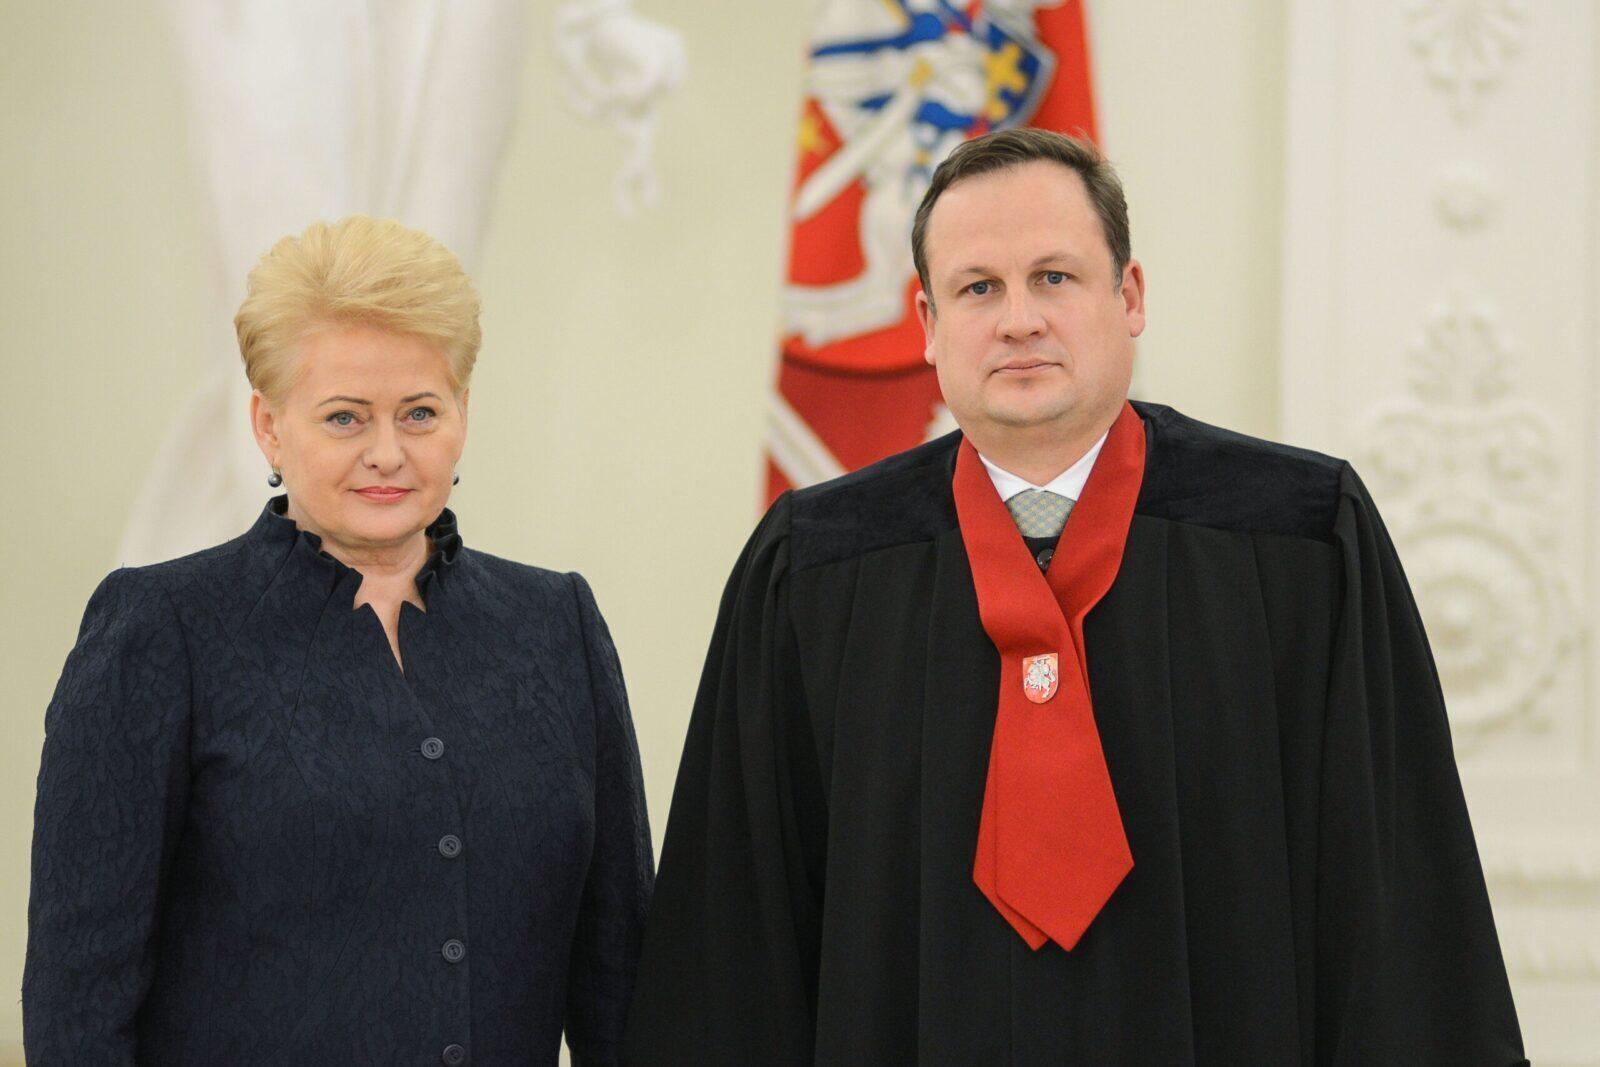 Siūloma, kad įtariamus D.Grybauskaitės nusikaltimus tirtų ne jos statytinis E.Pašilis, bet nepriklausomas prokuroras